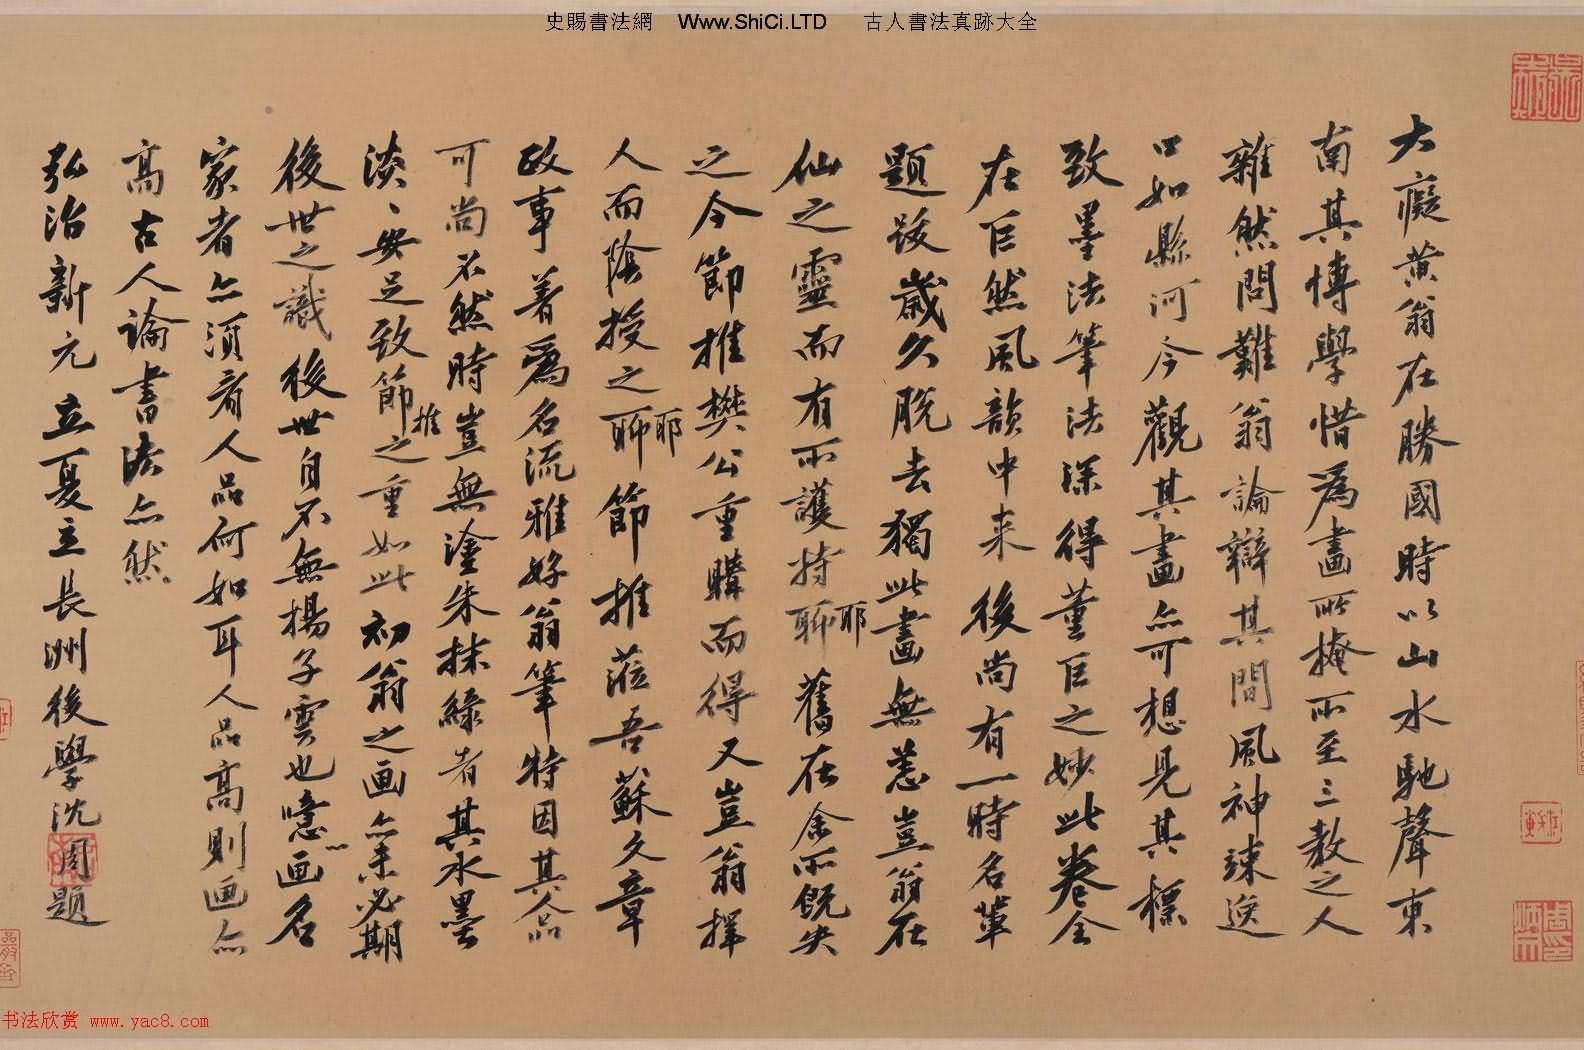 明代沈周62歲書法題跋富春山居圖卷(共6張圖片)